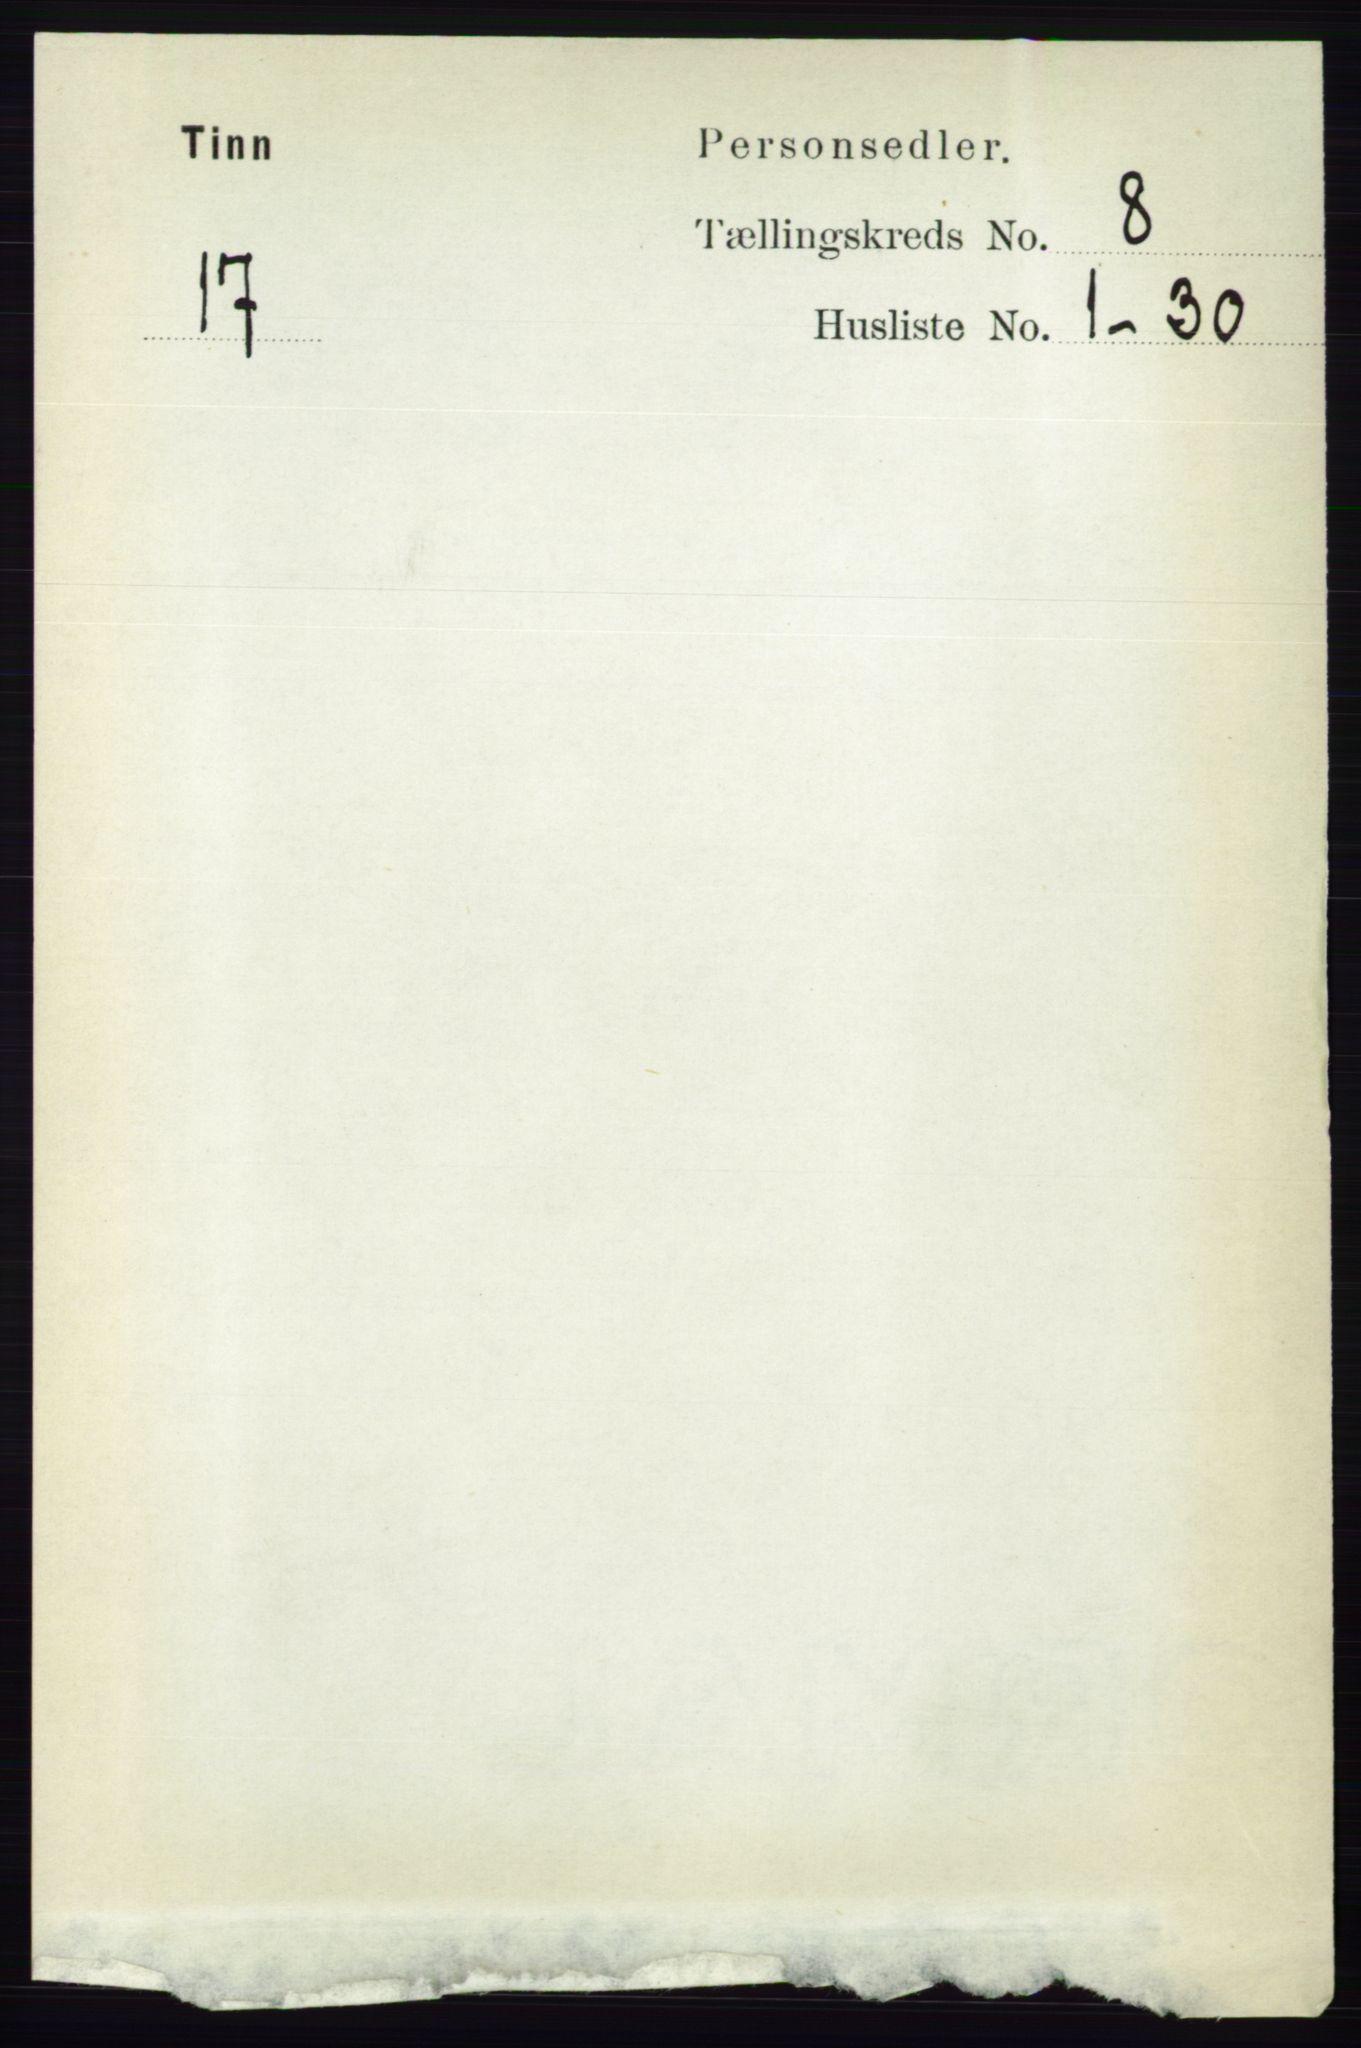 RA, Folketelling 1891 for 0826 Tinn herred, 1891, s. 1660